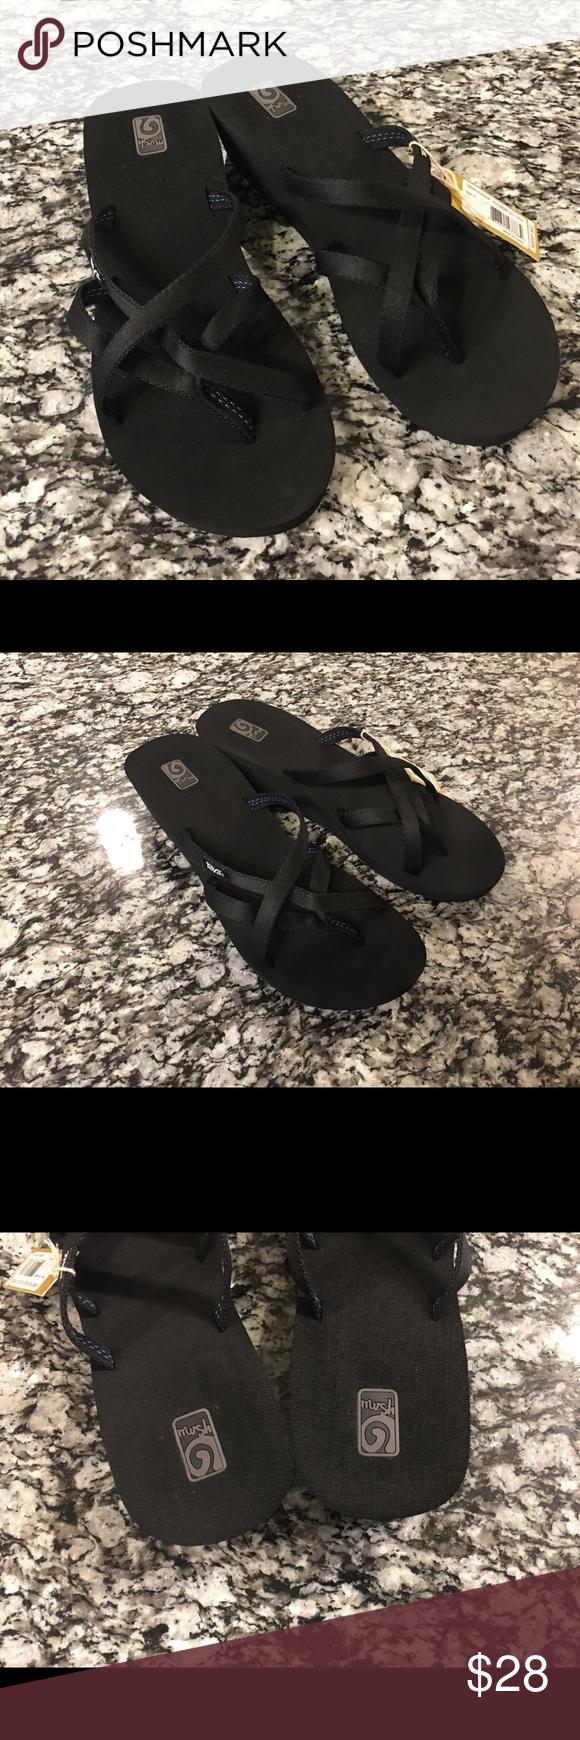 a62188ffa5aa26 Womens wedge teva black sandal sz  11 NWT Teva Mush Mandalyn Wedge Ola 2  Brand